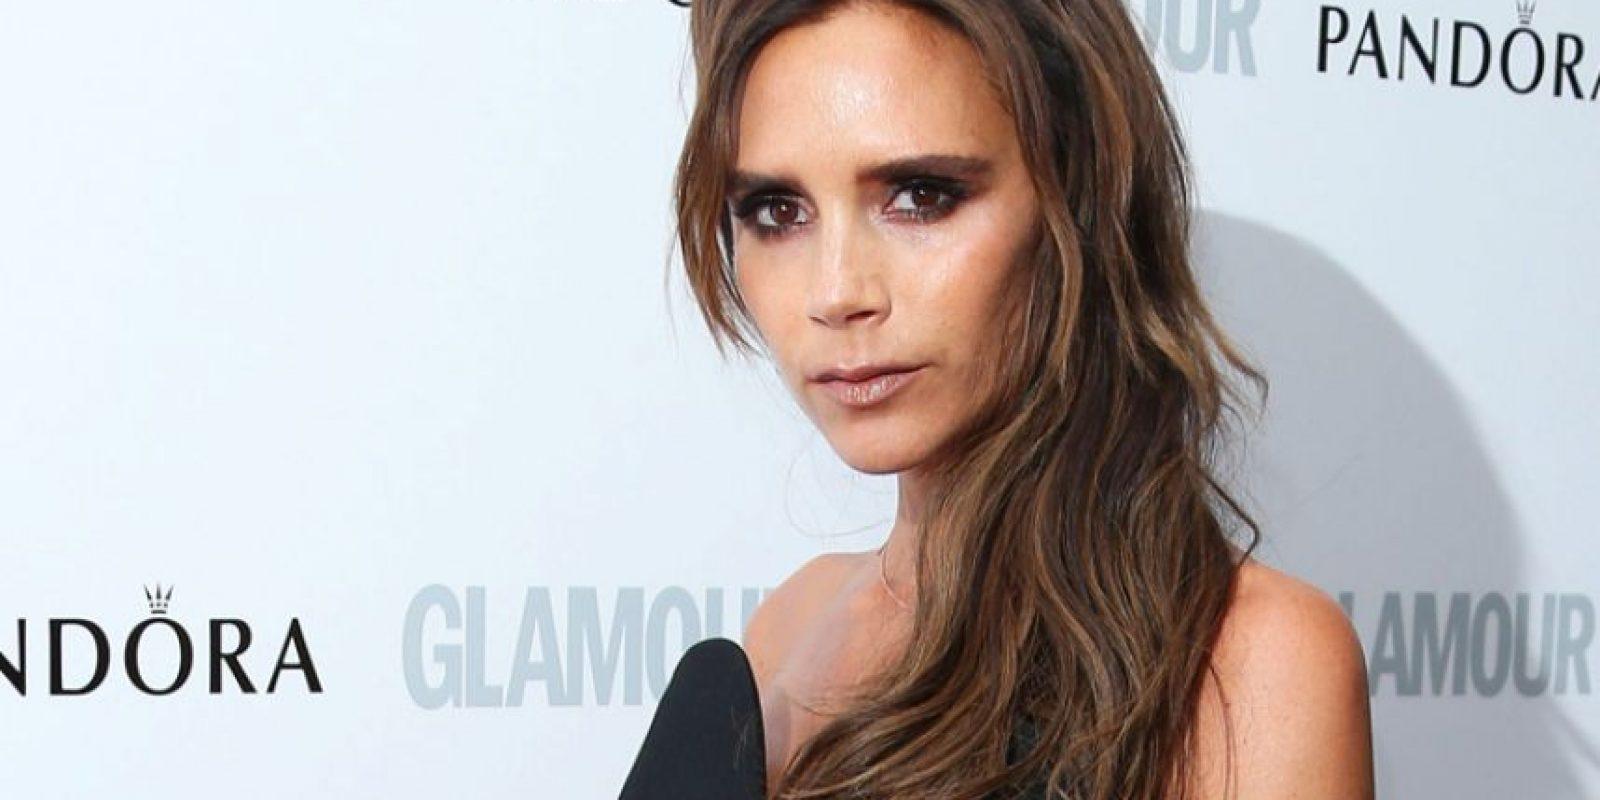 Victoria Beckham aseguró que había empezado a sufrir trastornos cuando se integró al grupo Spice Girls, sin embargo, fue desde que se vinculó al mundo de la moda que se le ha visto más delgada. Foto:Redes sociales